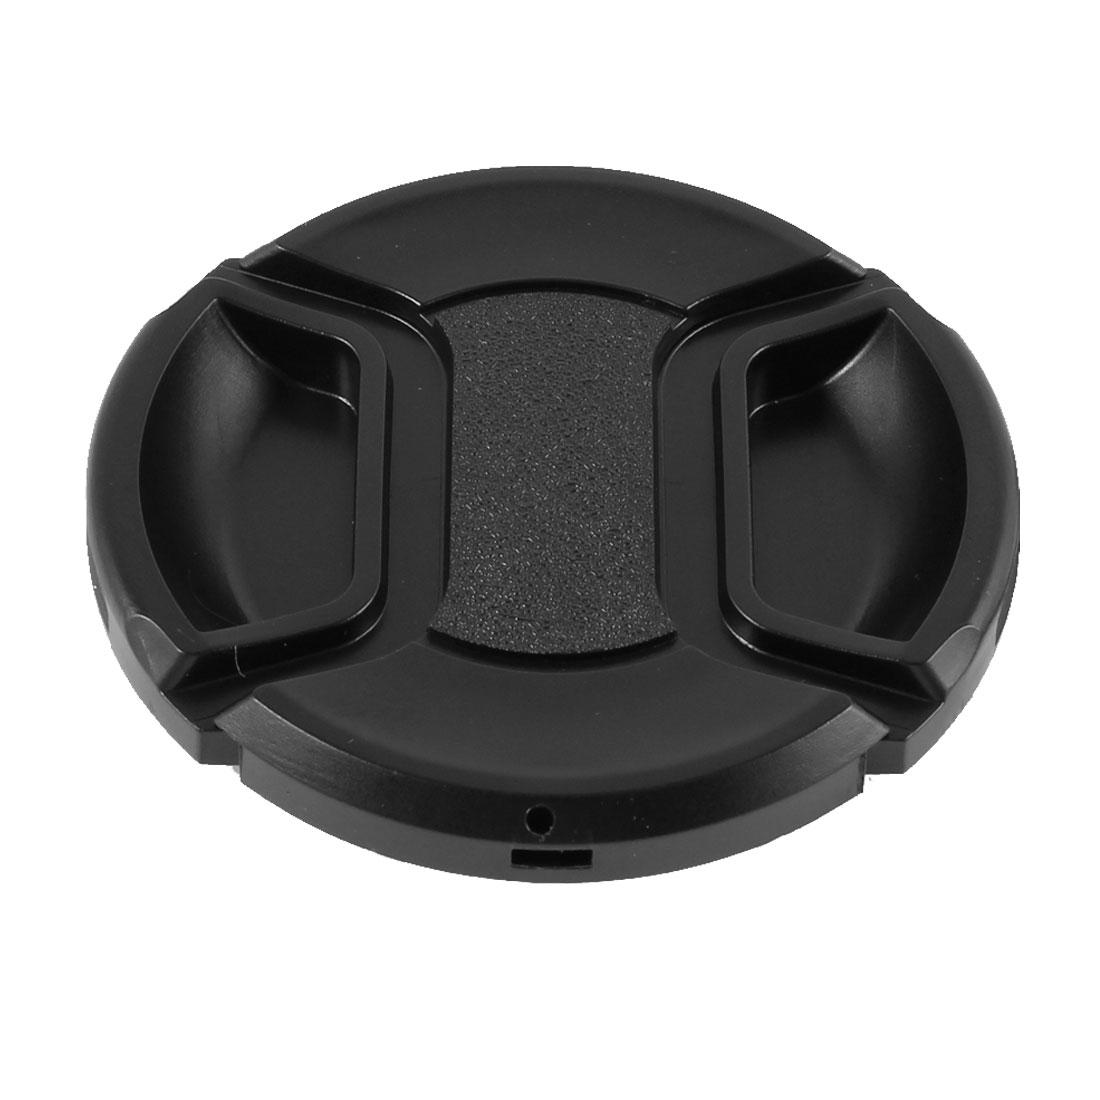 Univeral 62mm Center Pinch Front Lens Cap for DSLR Camera